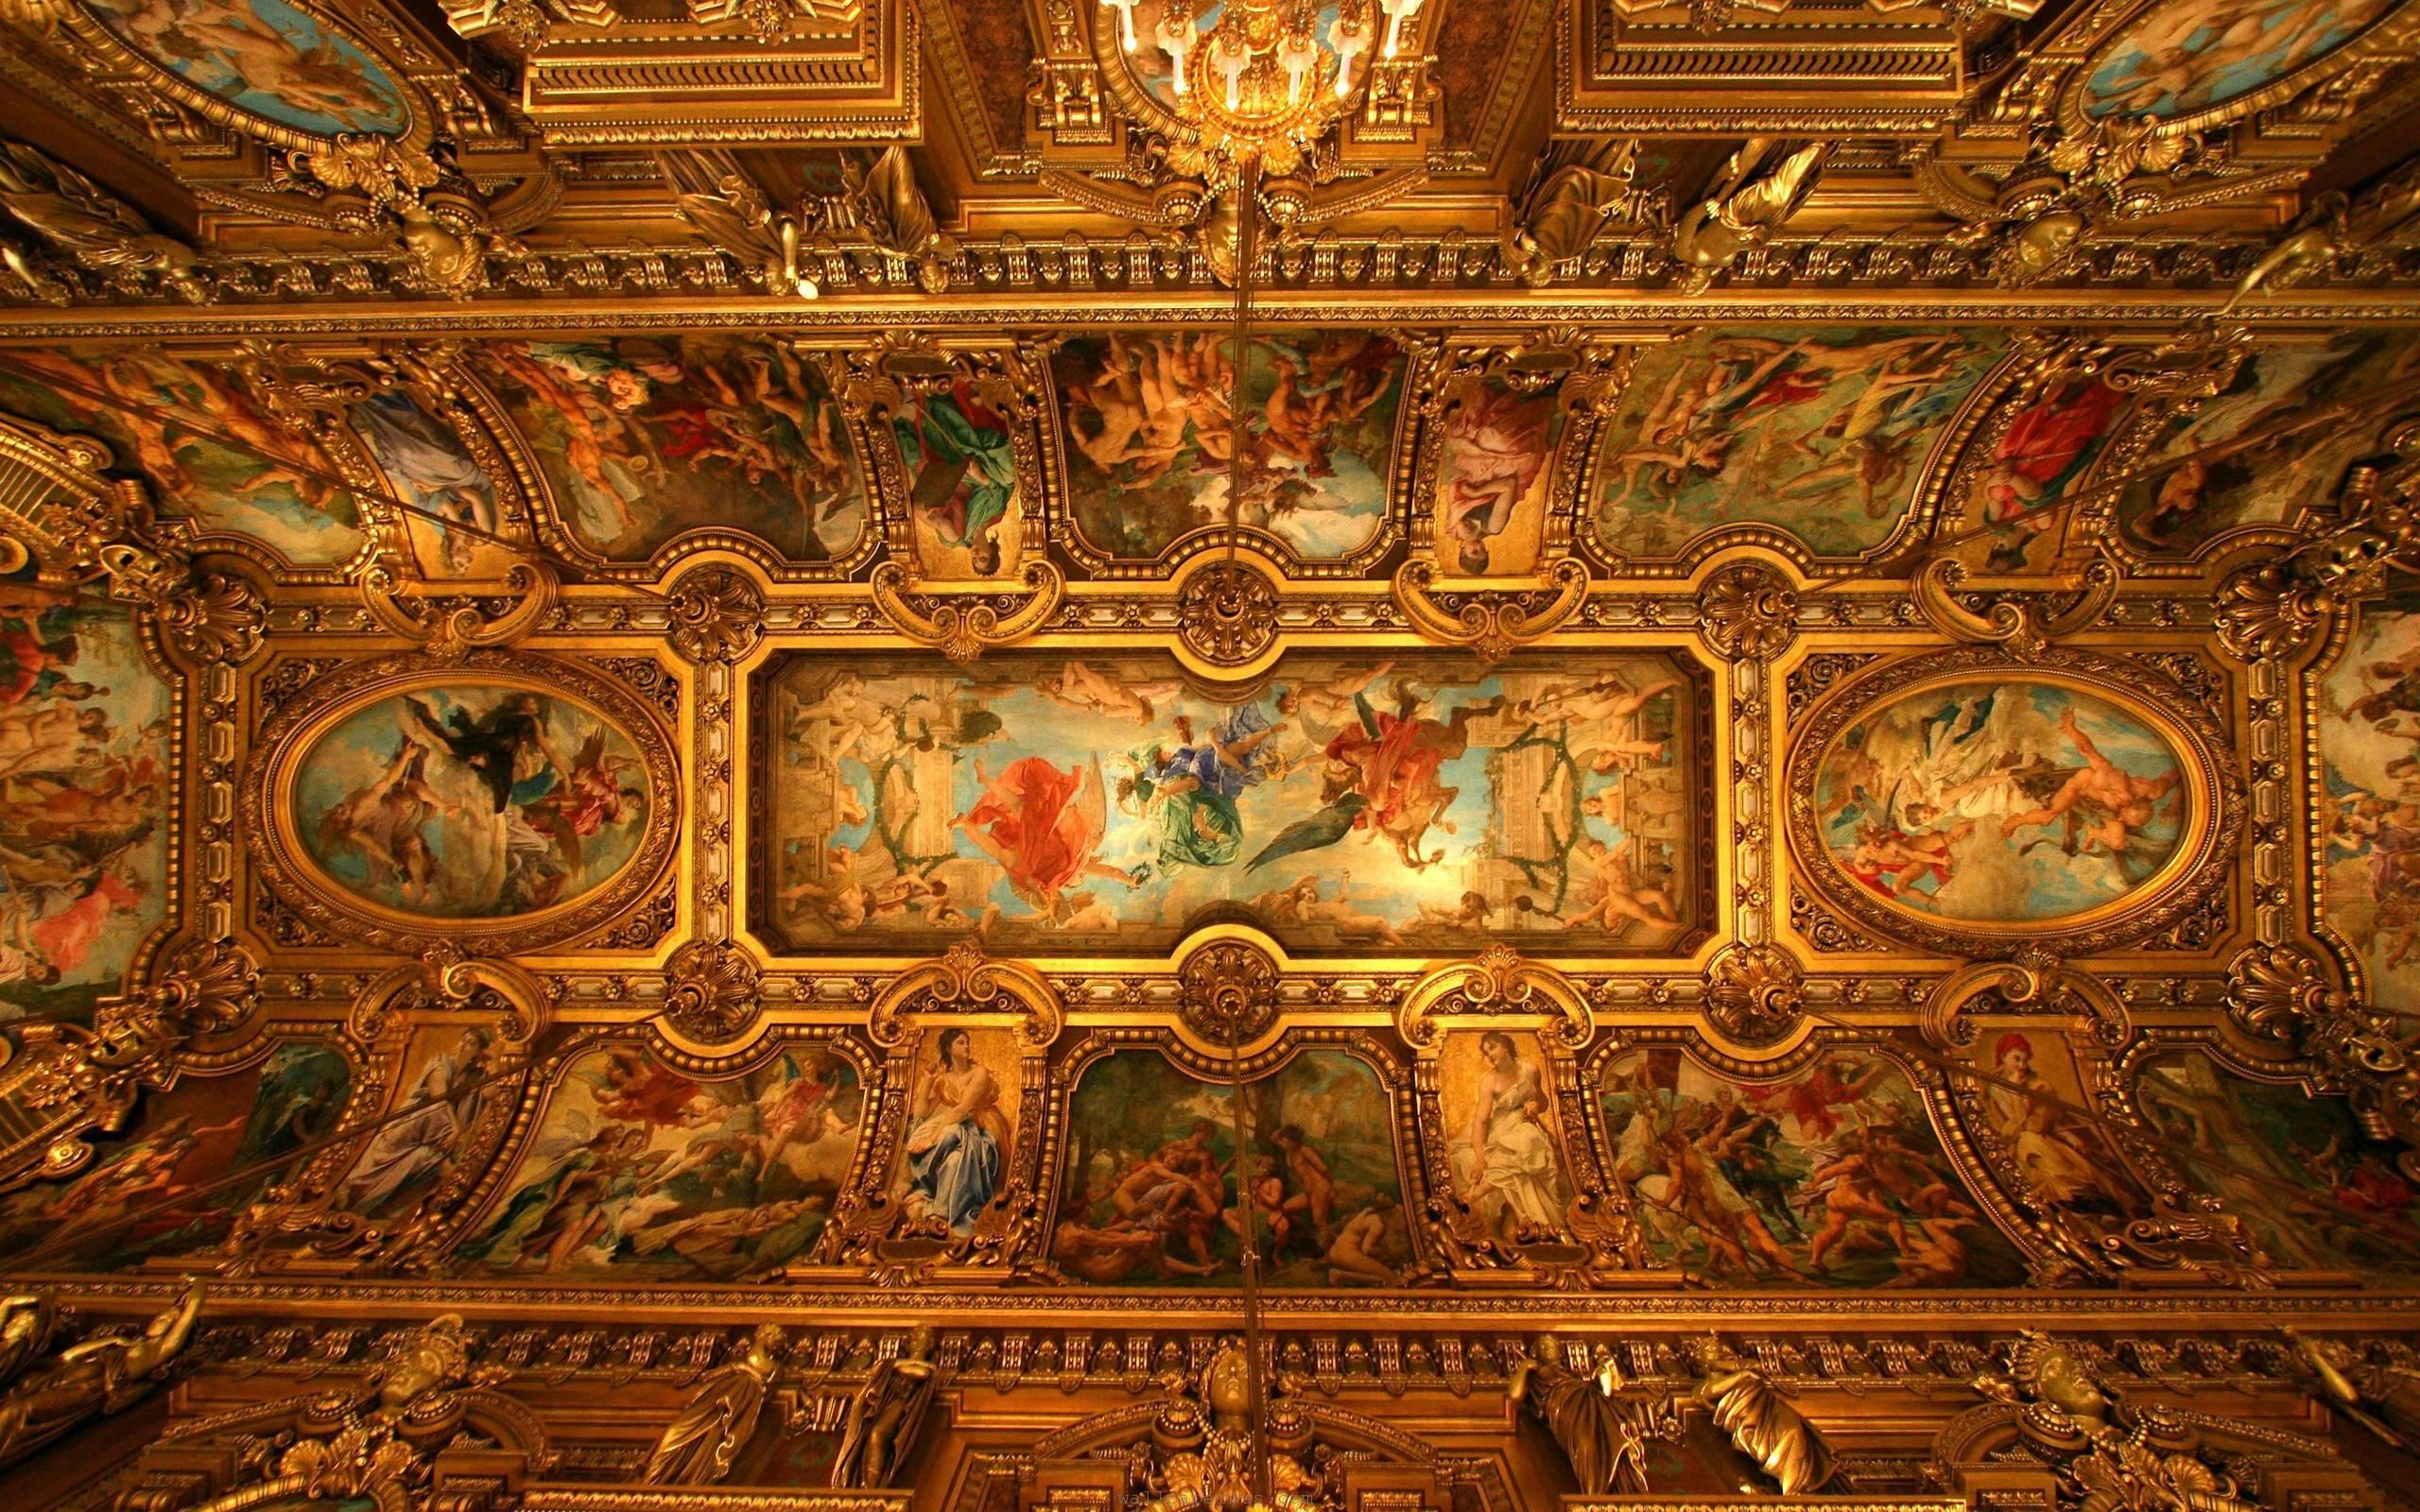 Michelangelo Desktop Wallpaper and Art Pictures | Cool Wallpapers